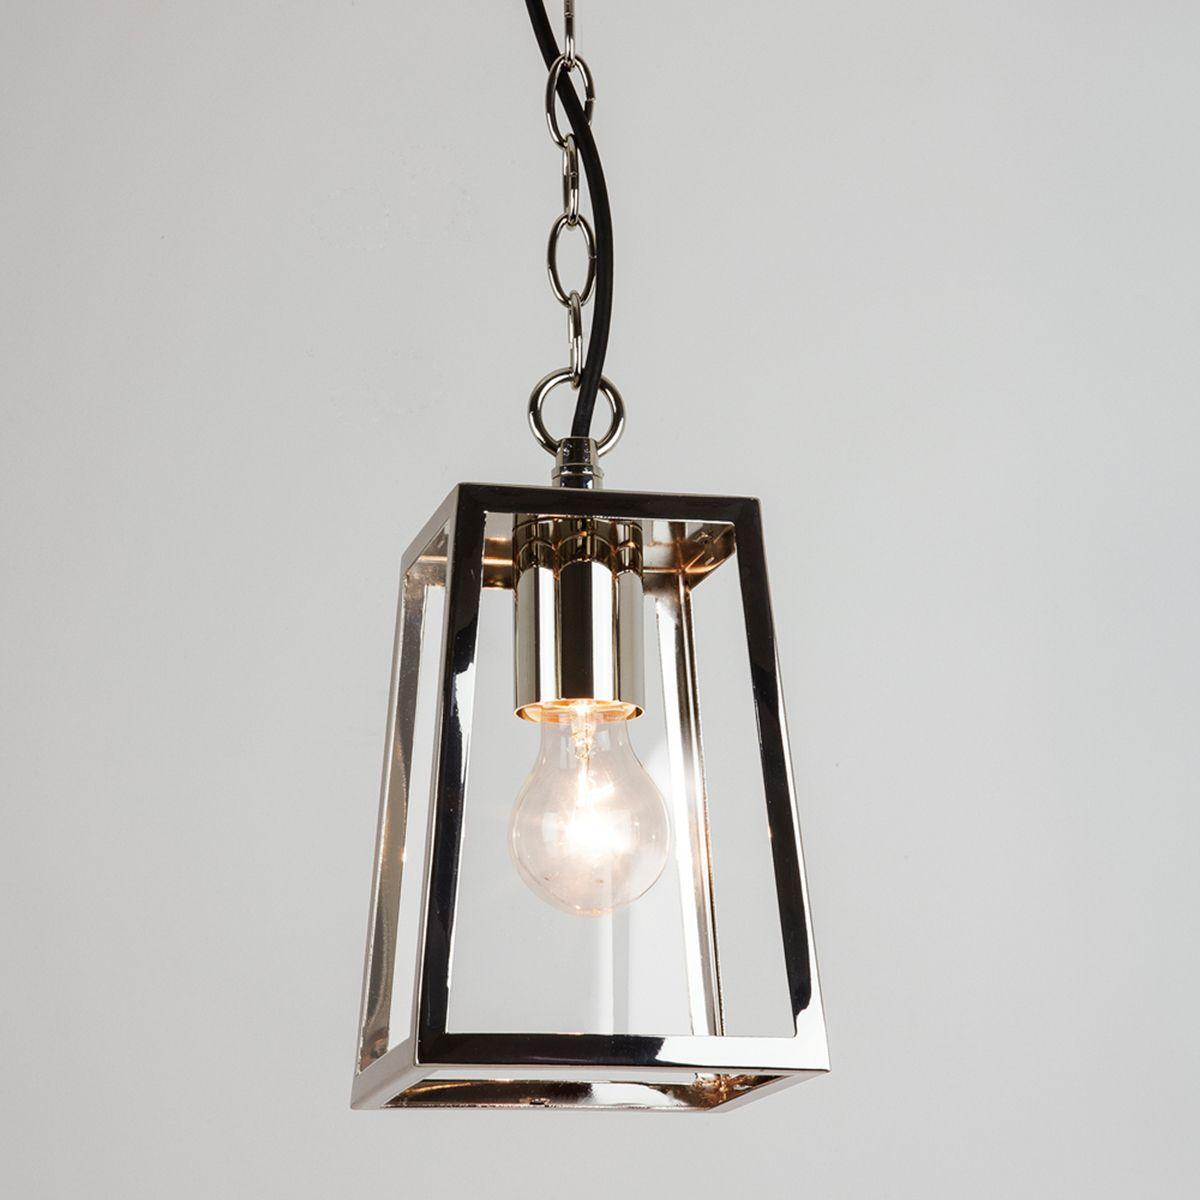 Outdoor Lamp: £147.83, Ocean Lighting